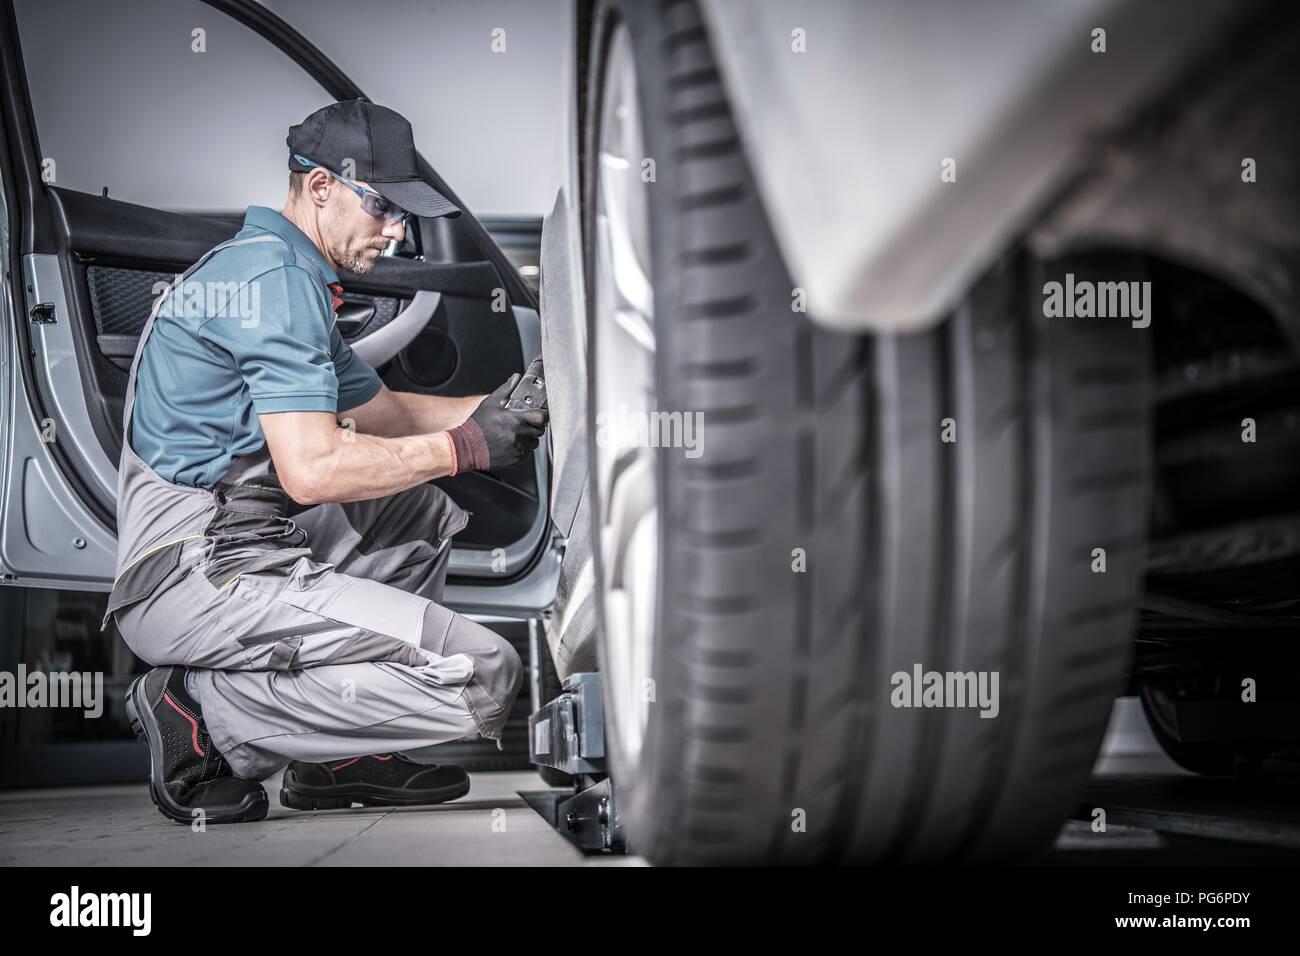 Auto unter Instandhaltung verwendet. Kaukasische Automechaniker auf der Suche nach möglichen Problemen im Fahrzeug. Stockbild